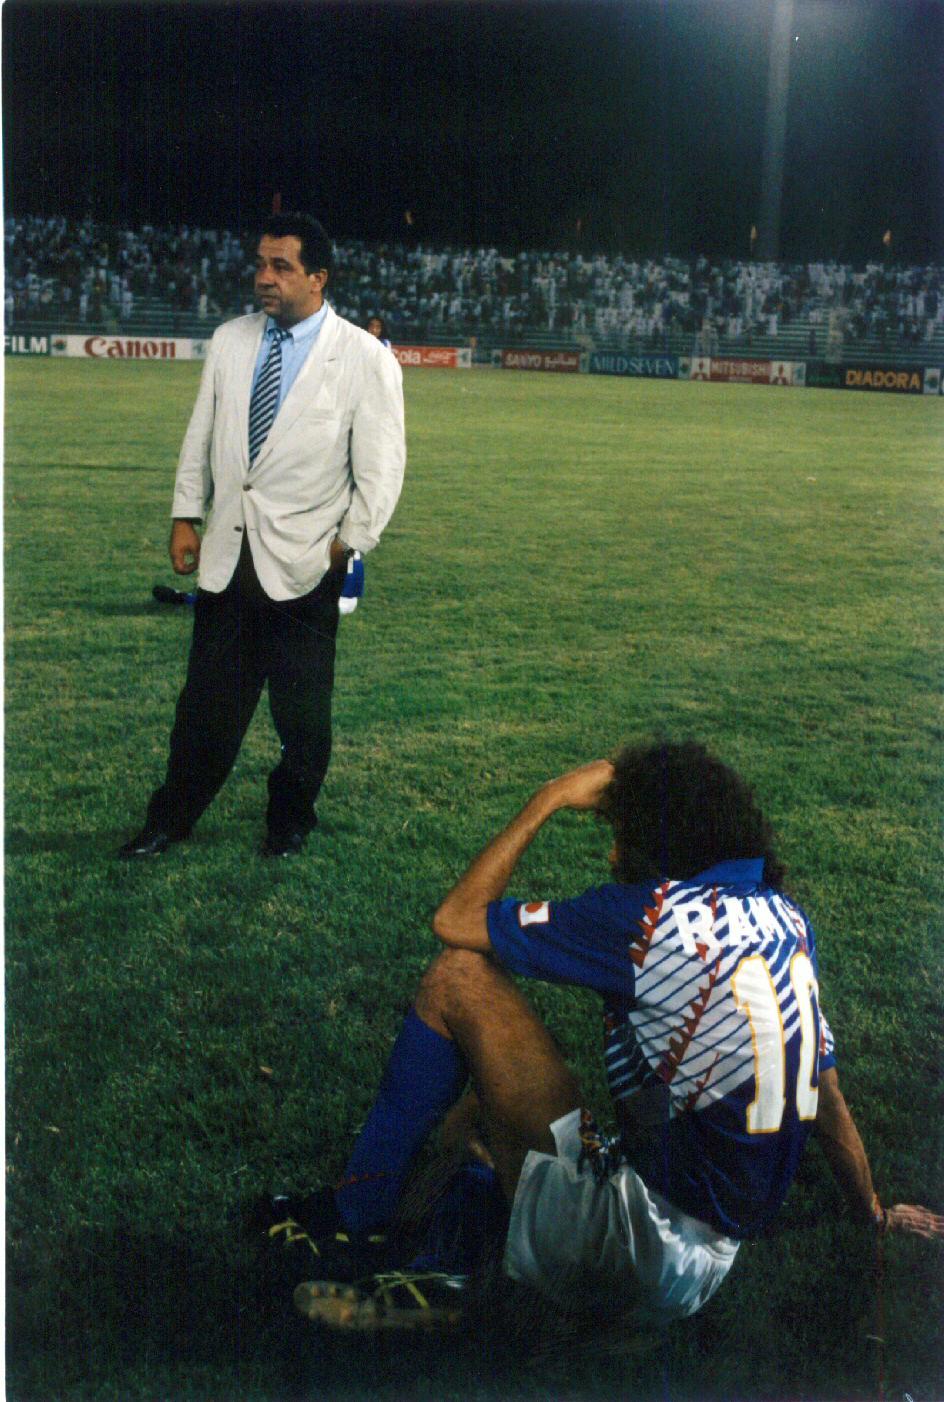 ロスタイムでイラクに同点とされアメリカW杯出場を絶たれた日本。オフト監督、ラモス(手前)は放心状態のままピッチを眺めていた(1993年10月28日撮影)